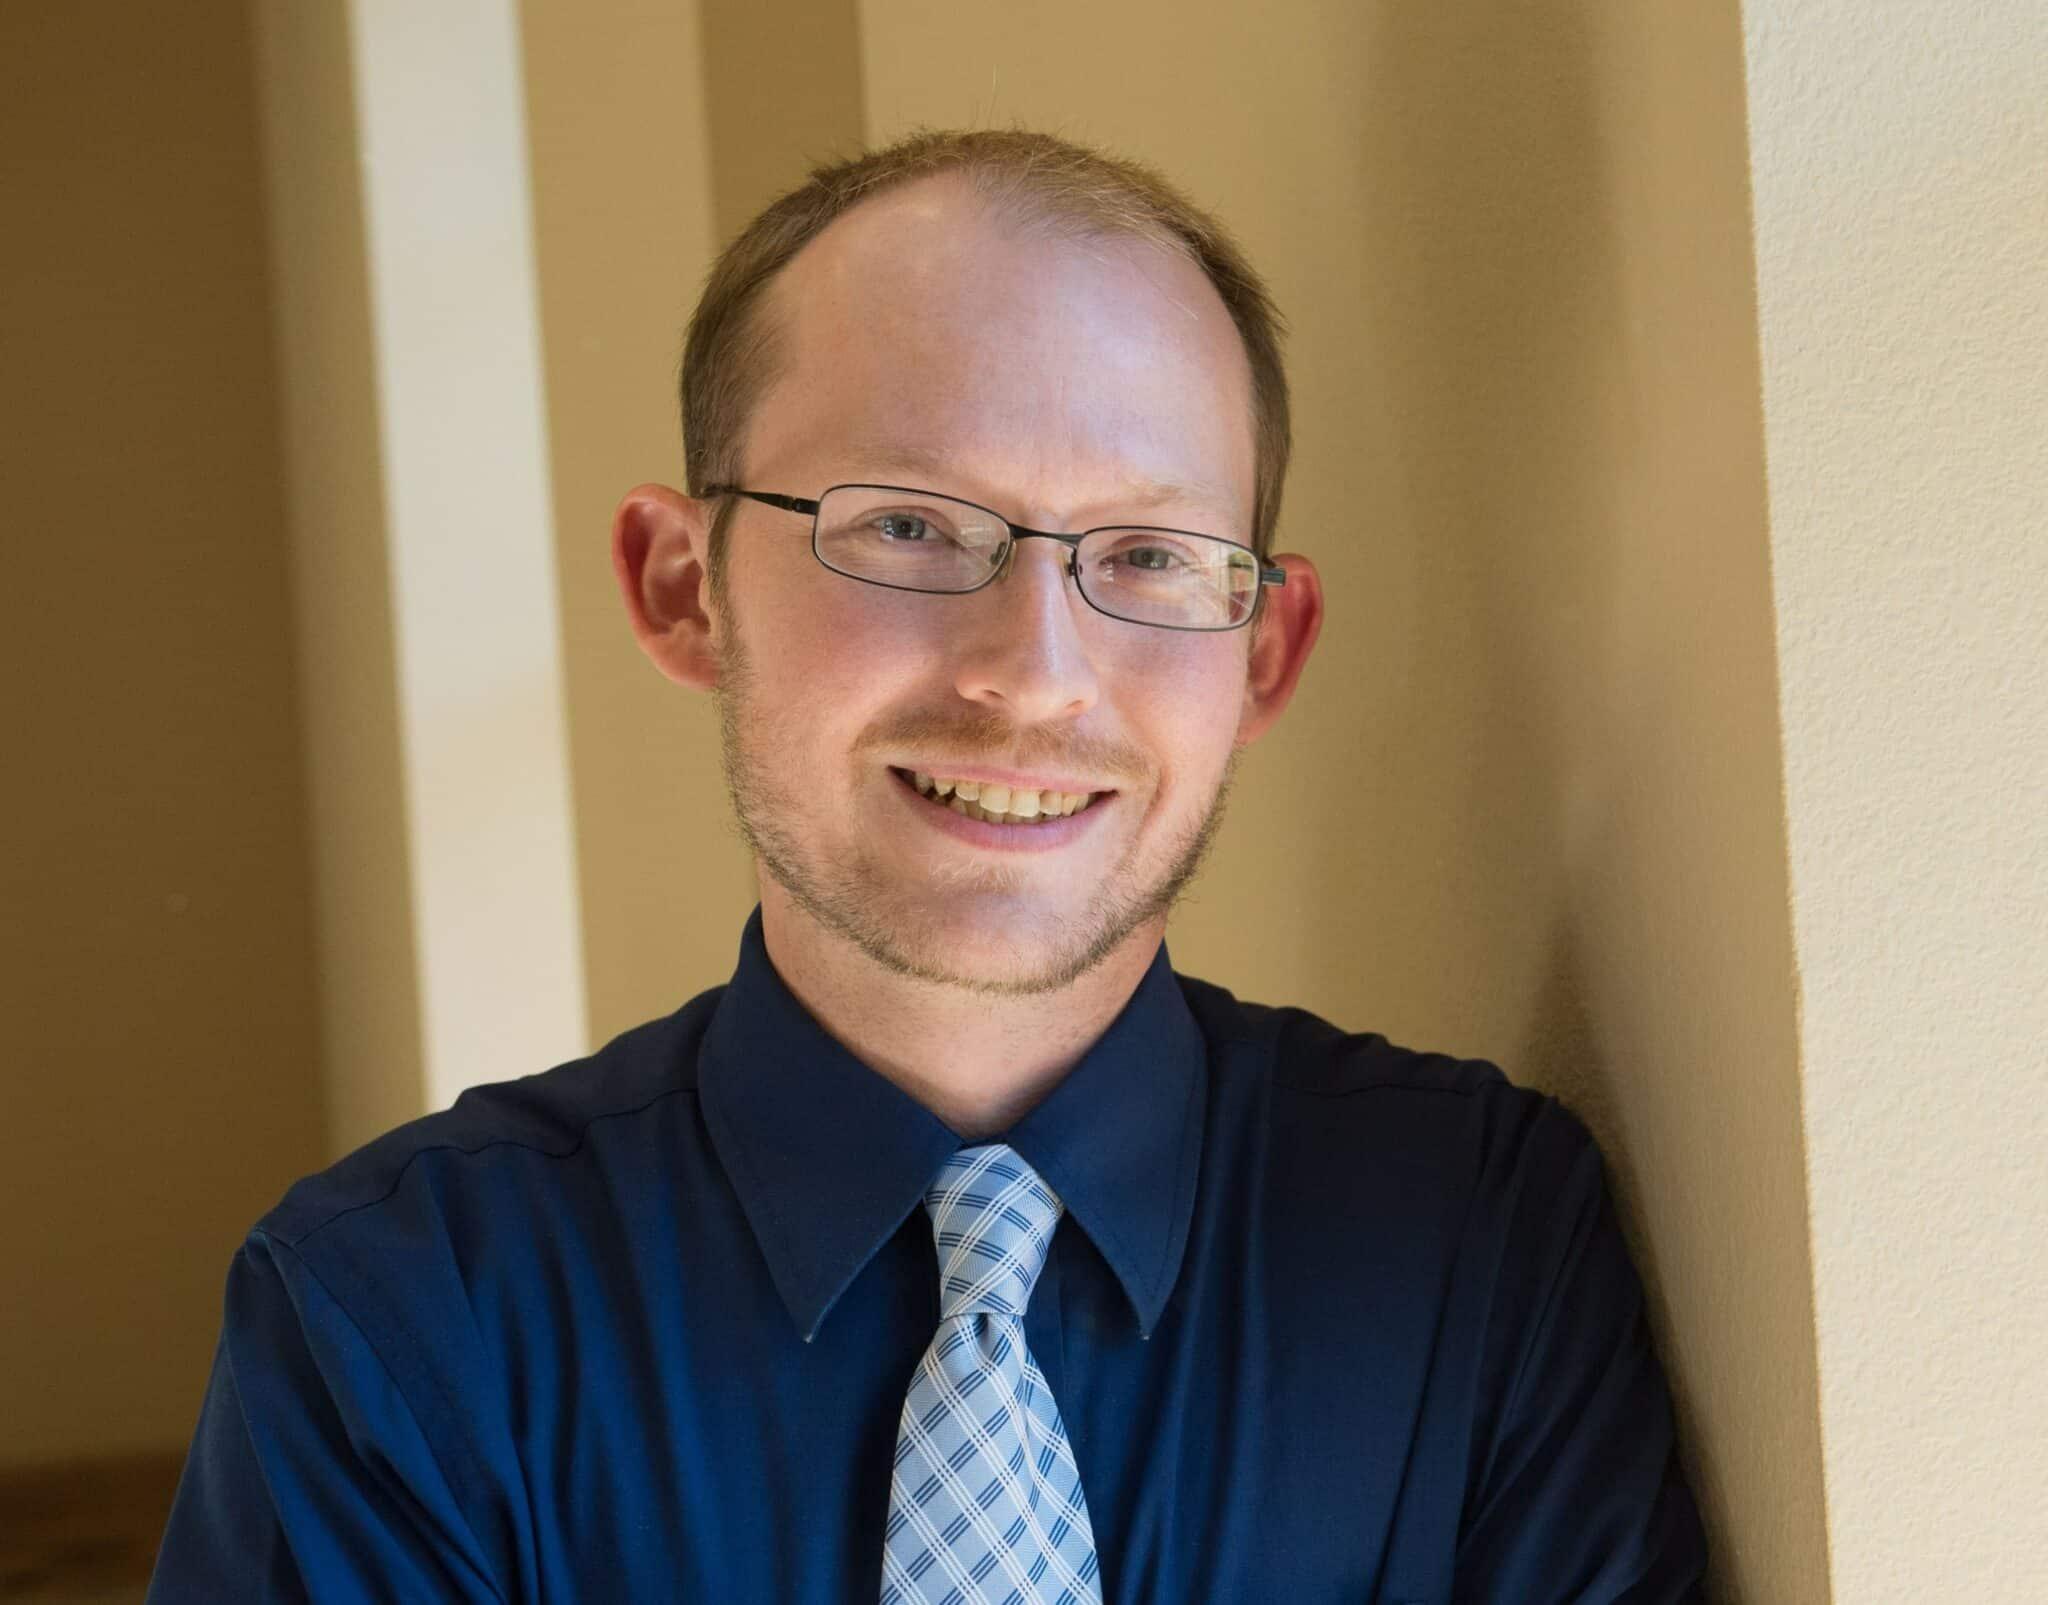 Dr. Derek Hatch